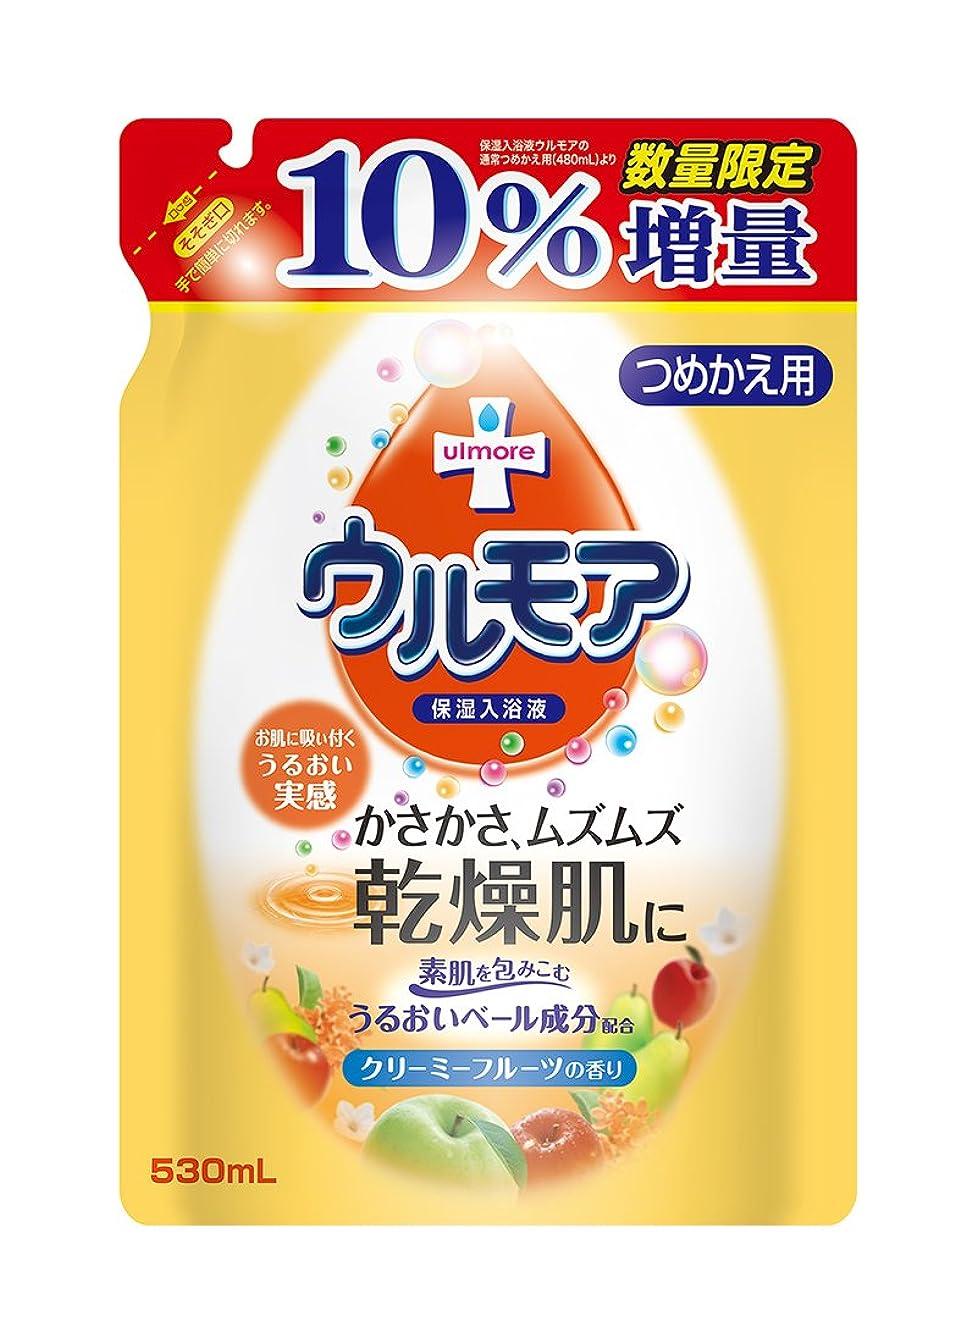 枠スペース香りアース製薬 ウルモア クリーミーフルーツ替え増量 530mL